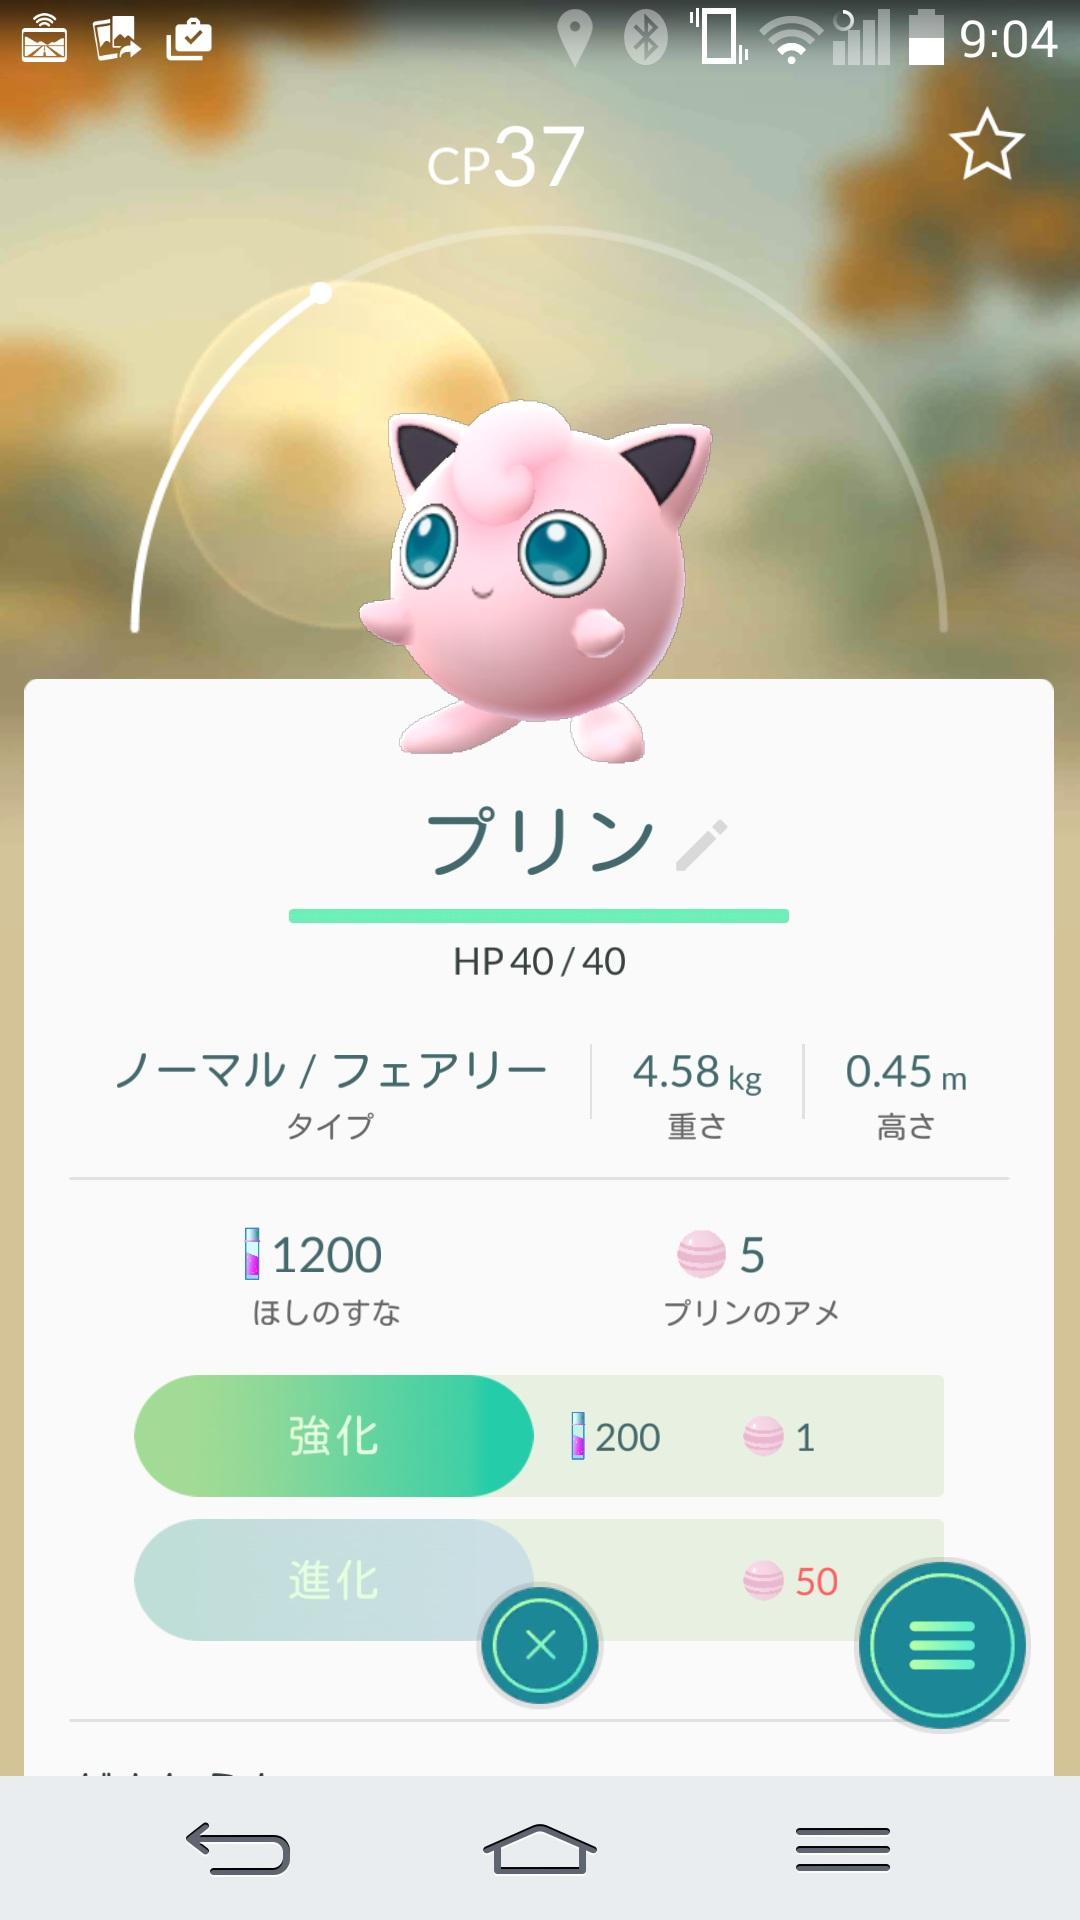 歩く ウラ ポケモン go 技